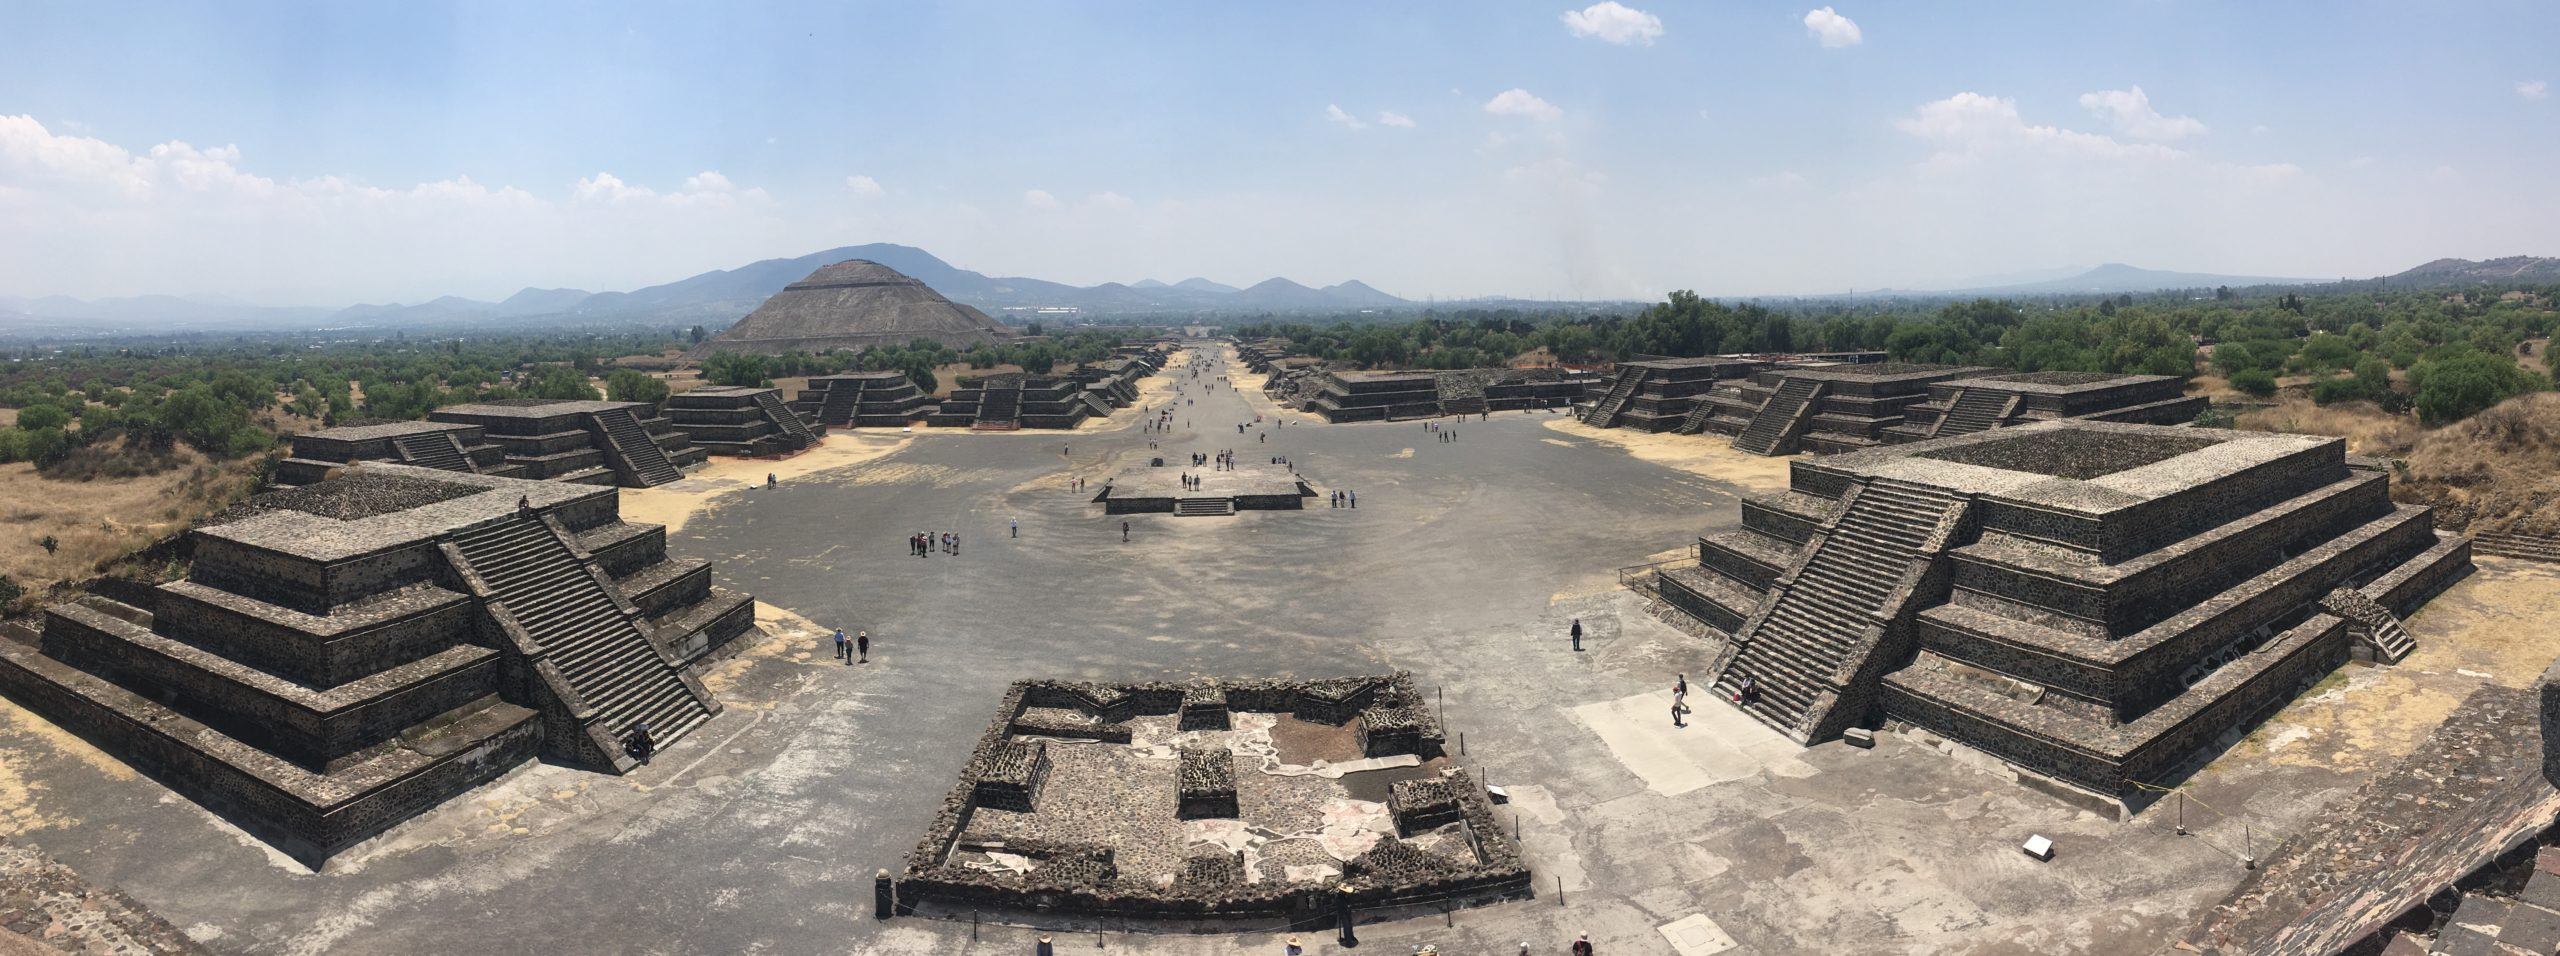 Ideas on Tour Mexico